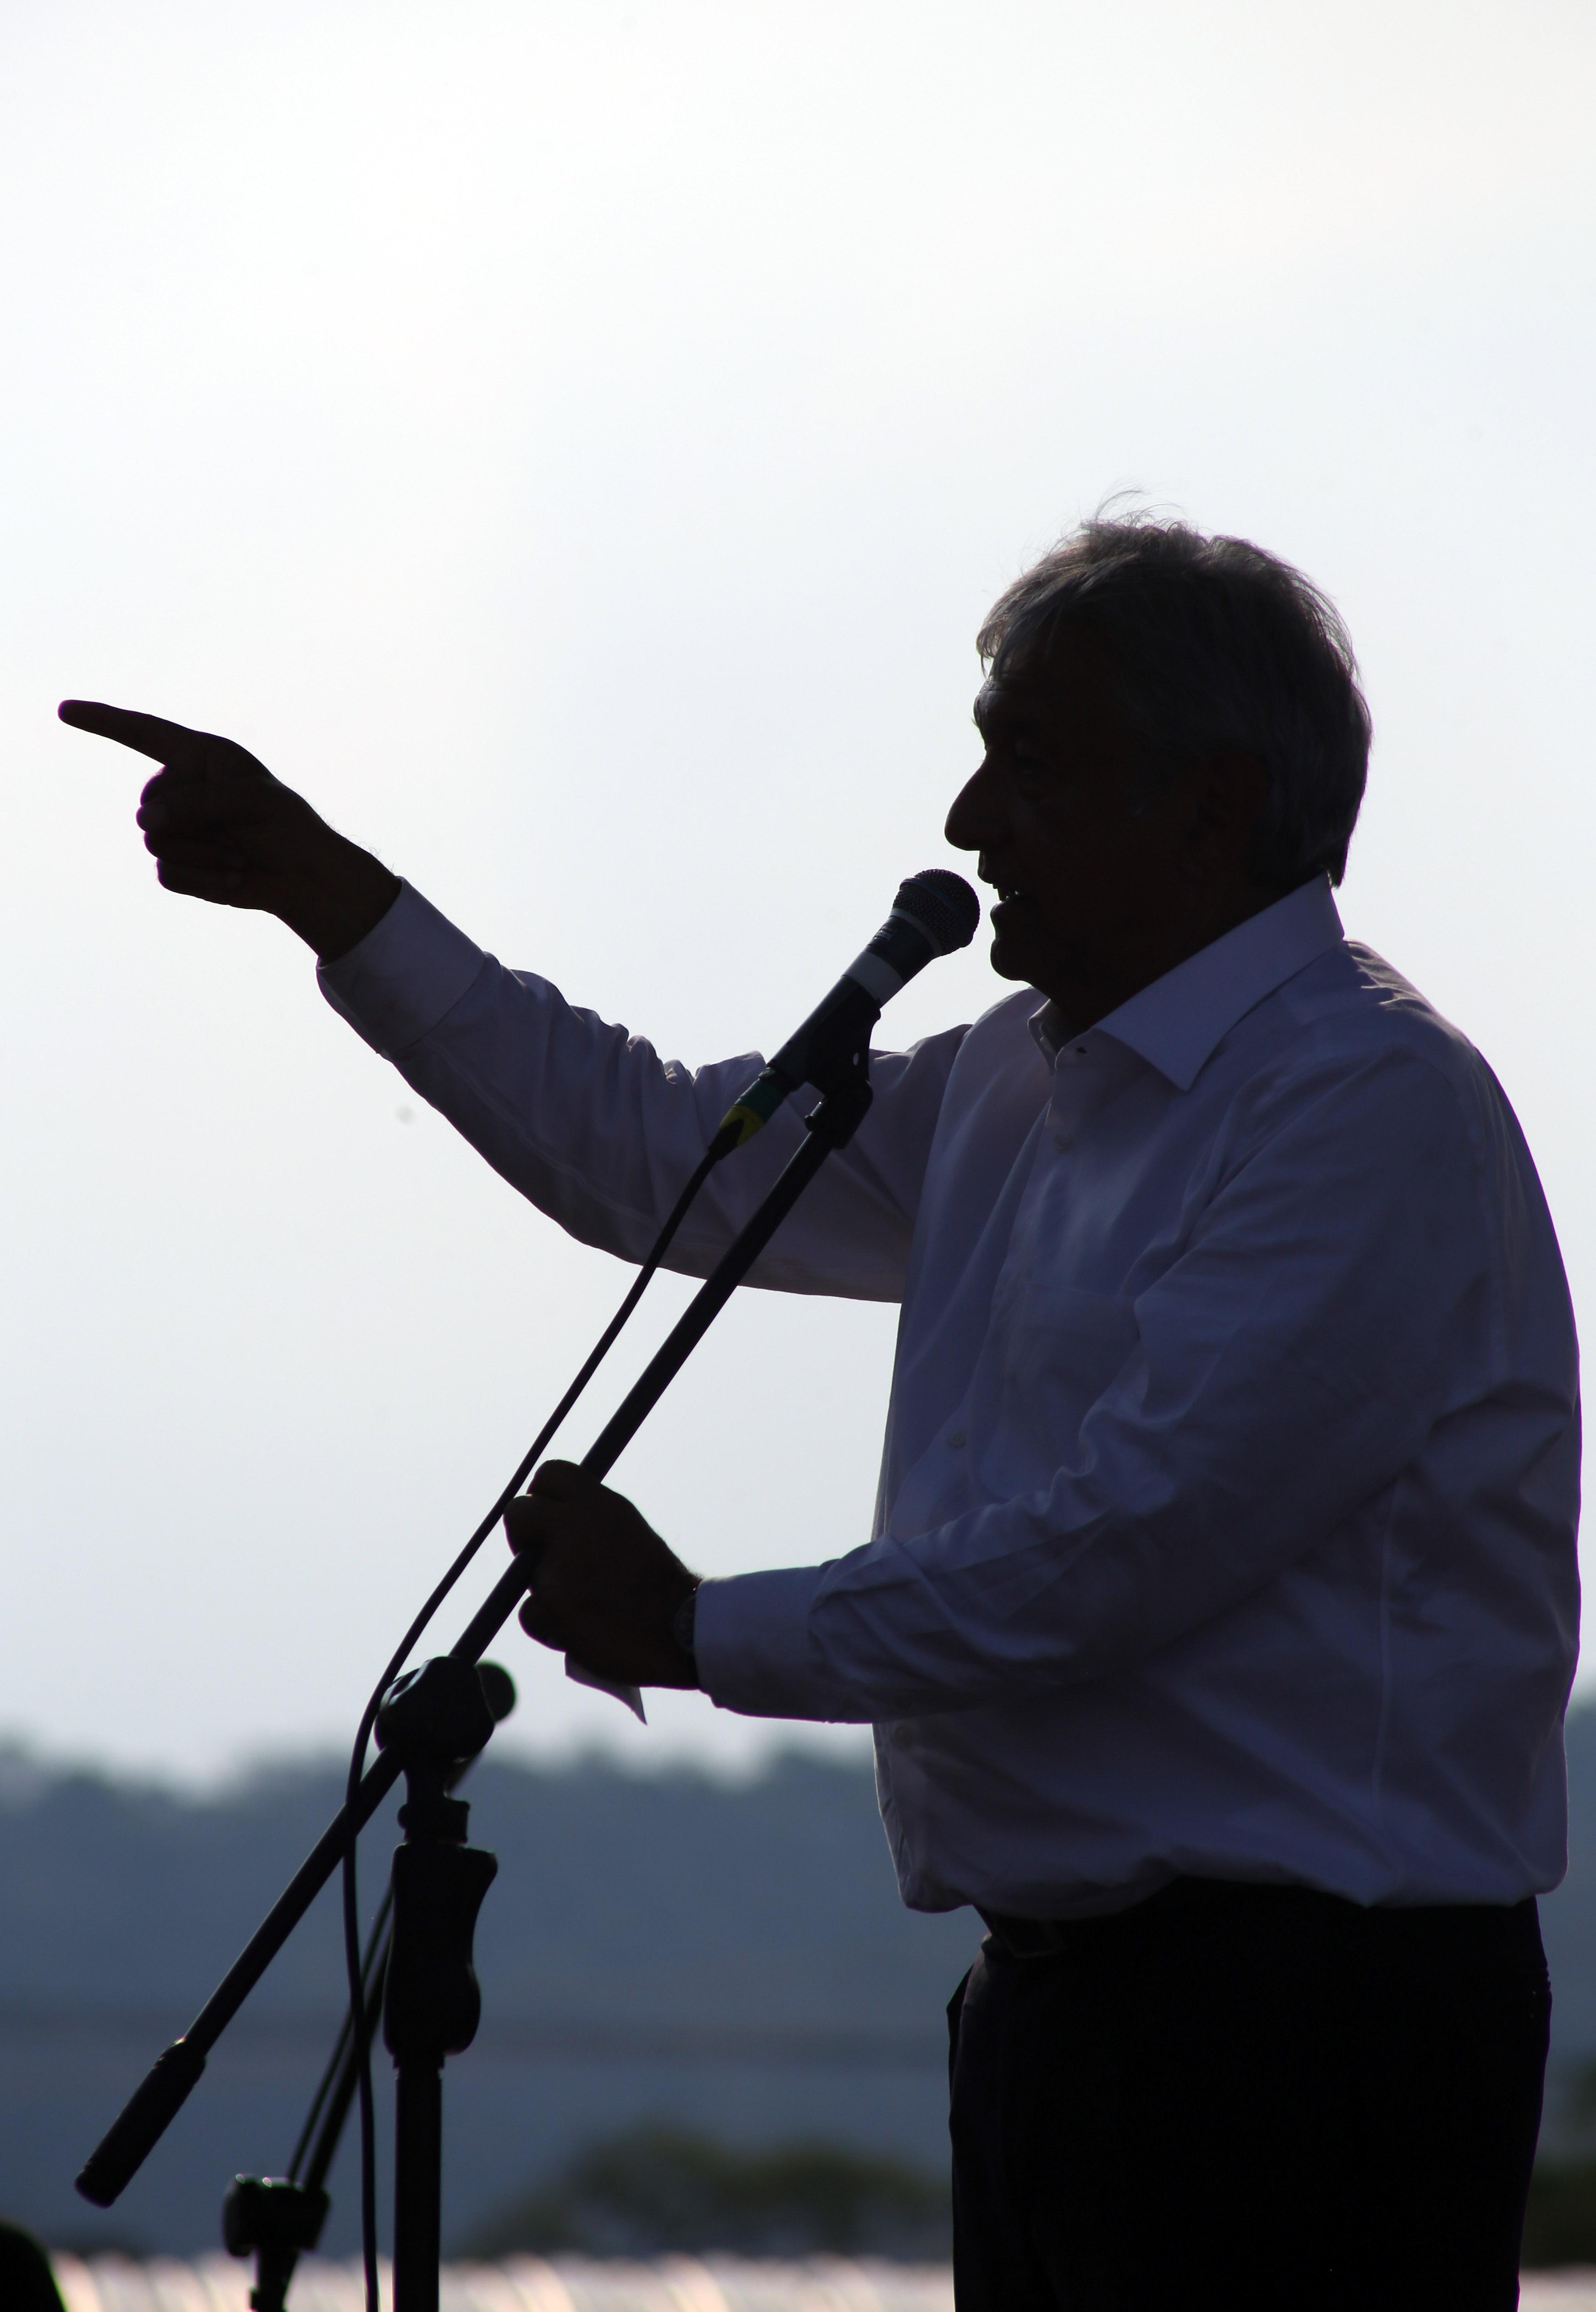 """YAUTEPEC, MORELOS, 03MAYO2018.- Andrés Manuel López Obrador, candidato a la presidencia de la Republica por la coalición """"Juntos haremos historia"""" (Movimiento de Regeneración Nacional, Partido del Trabajo y Encuentro Social) durante un mitin en la unidad deportiva de Atlihuayan. El tabasqueño estuvo acompañado por Cuauhtémoc Blanco Bravo, candidato a la gubernatura y otros aspirantes. FOTO: MARGARITO PÉREZ RETANA /CUARTOSCURO.COM"""